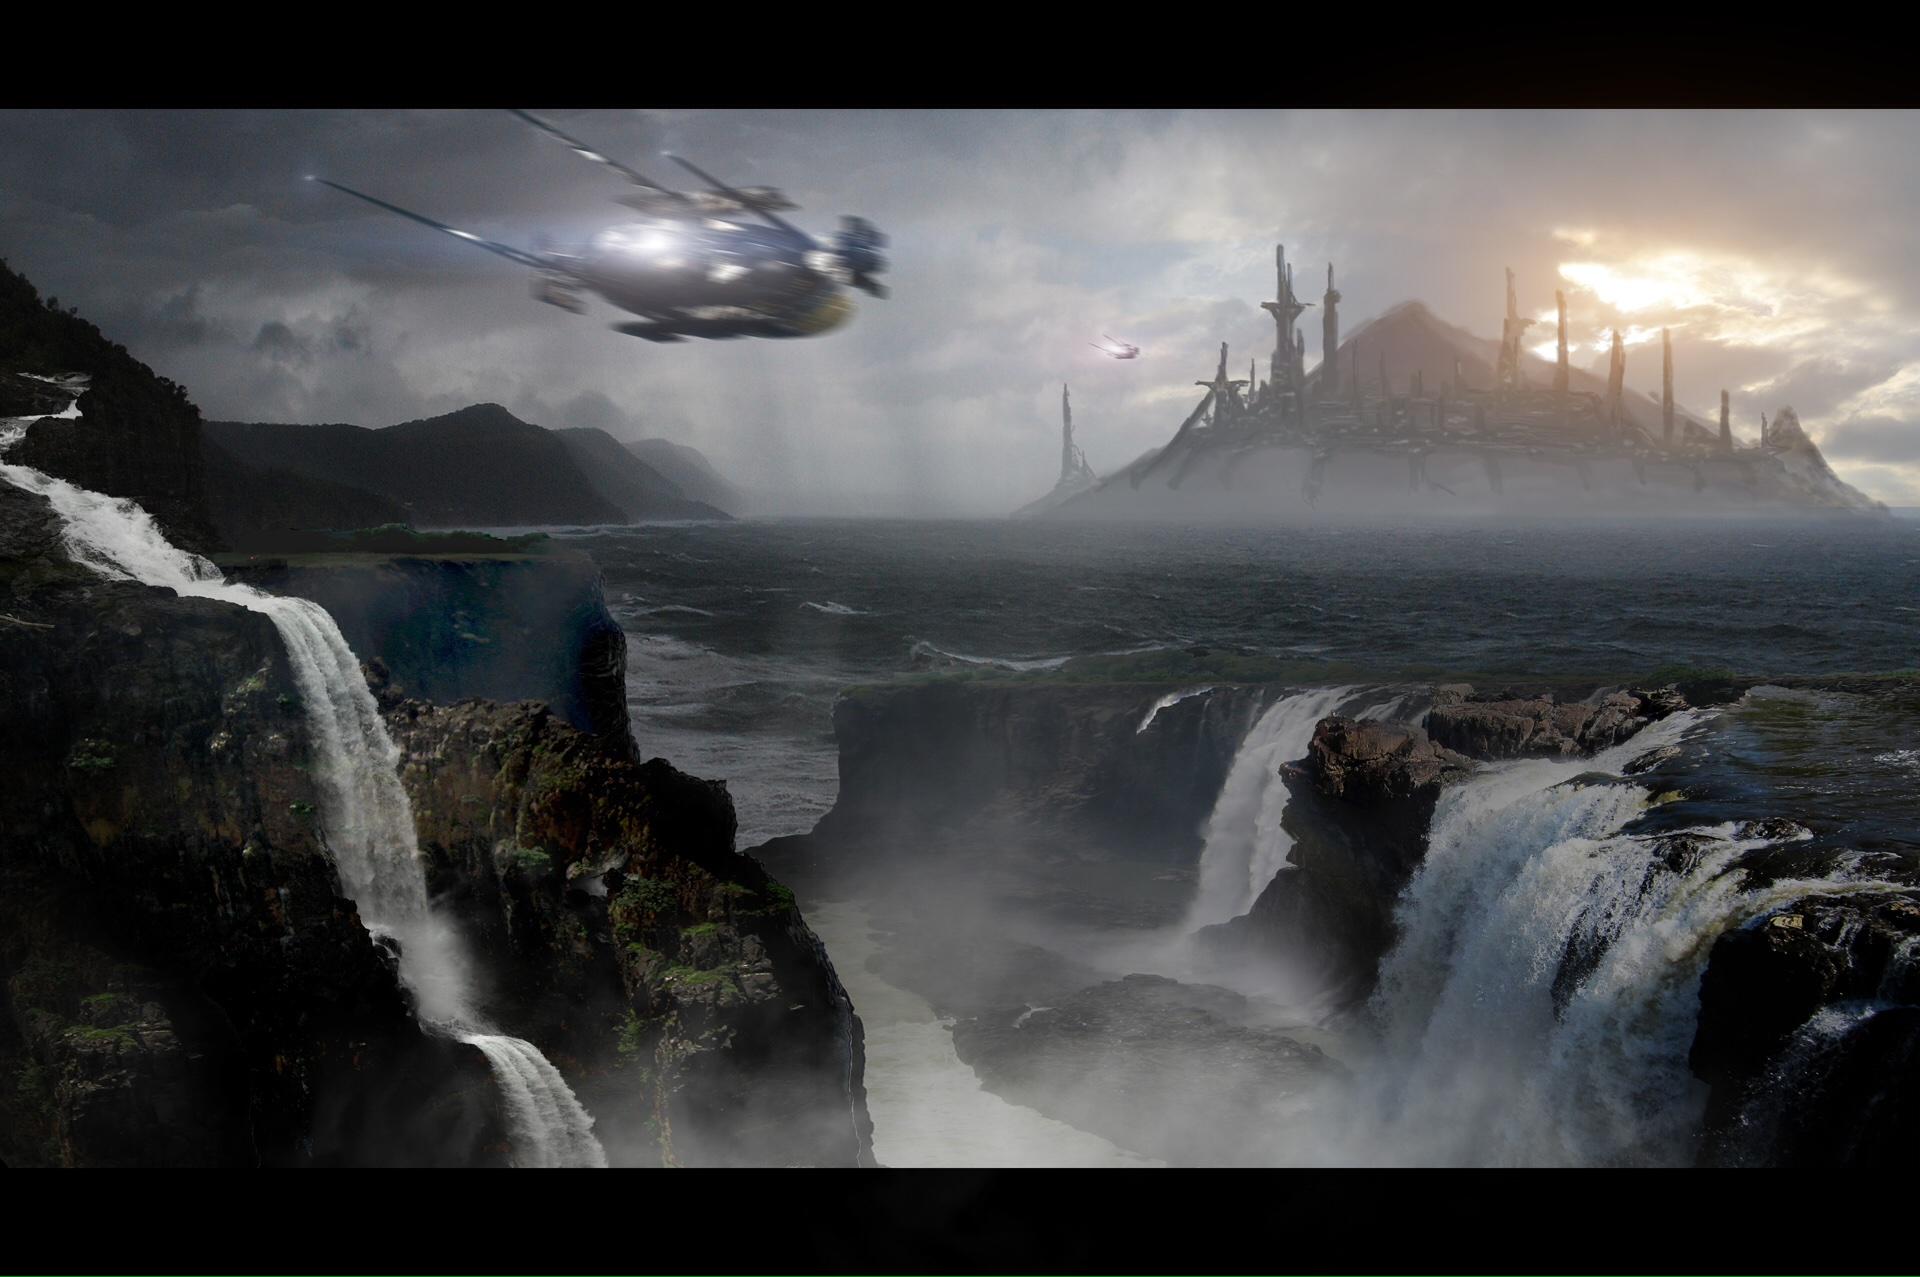 the-scifi-art-of-scott-richard-2.jpg